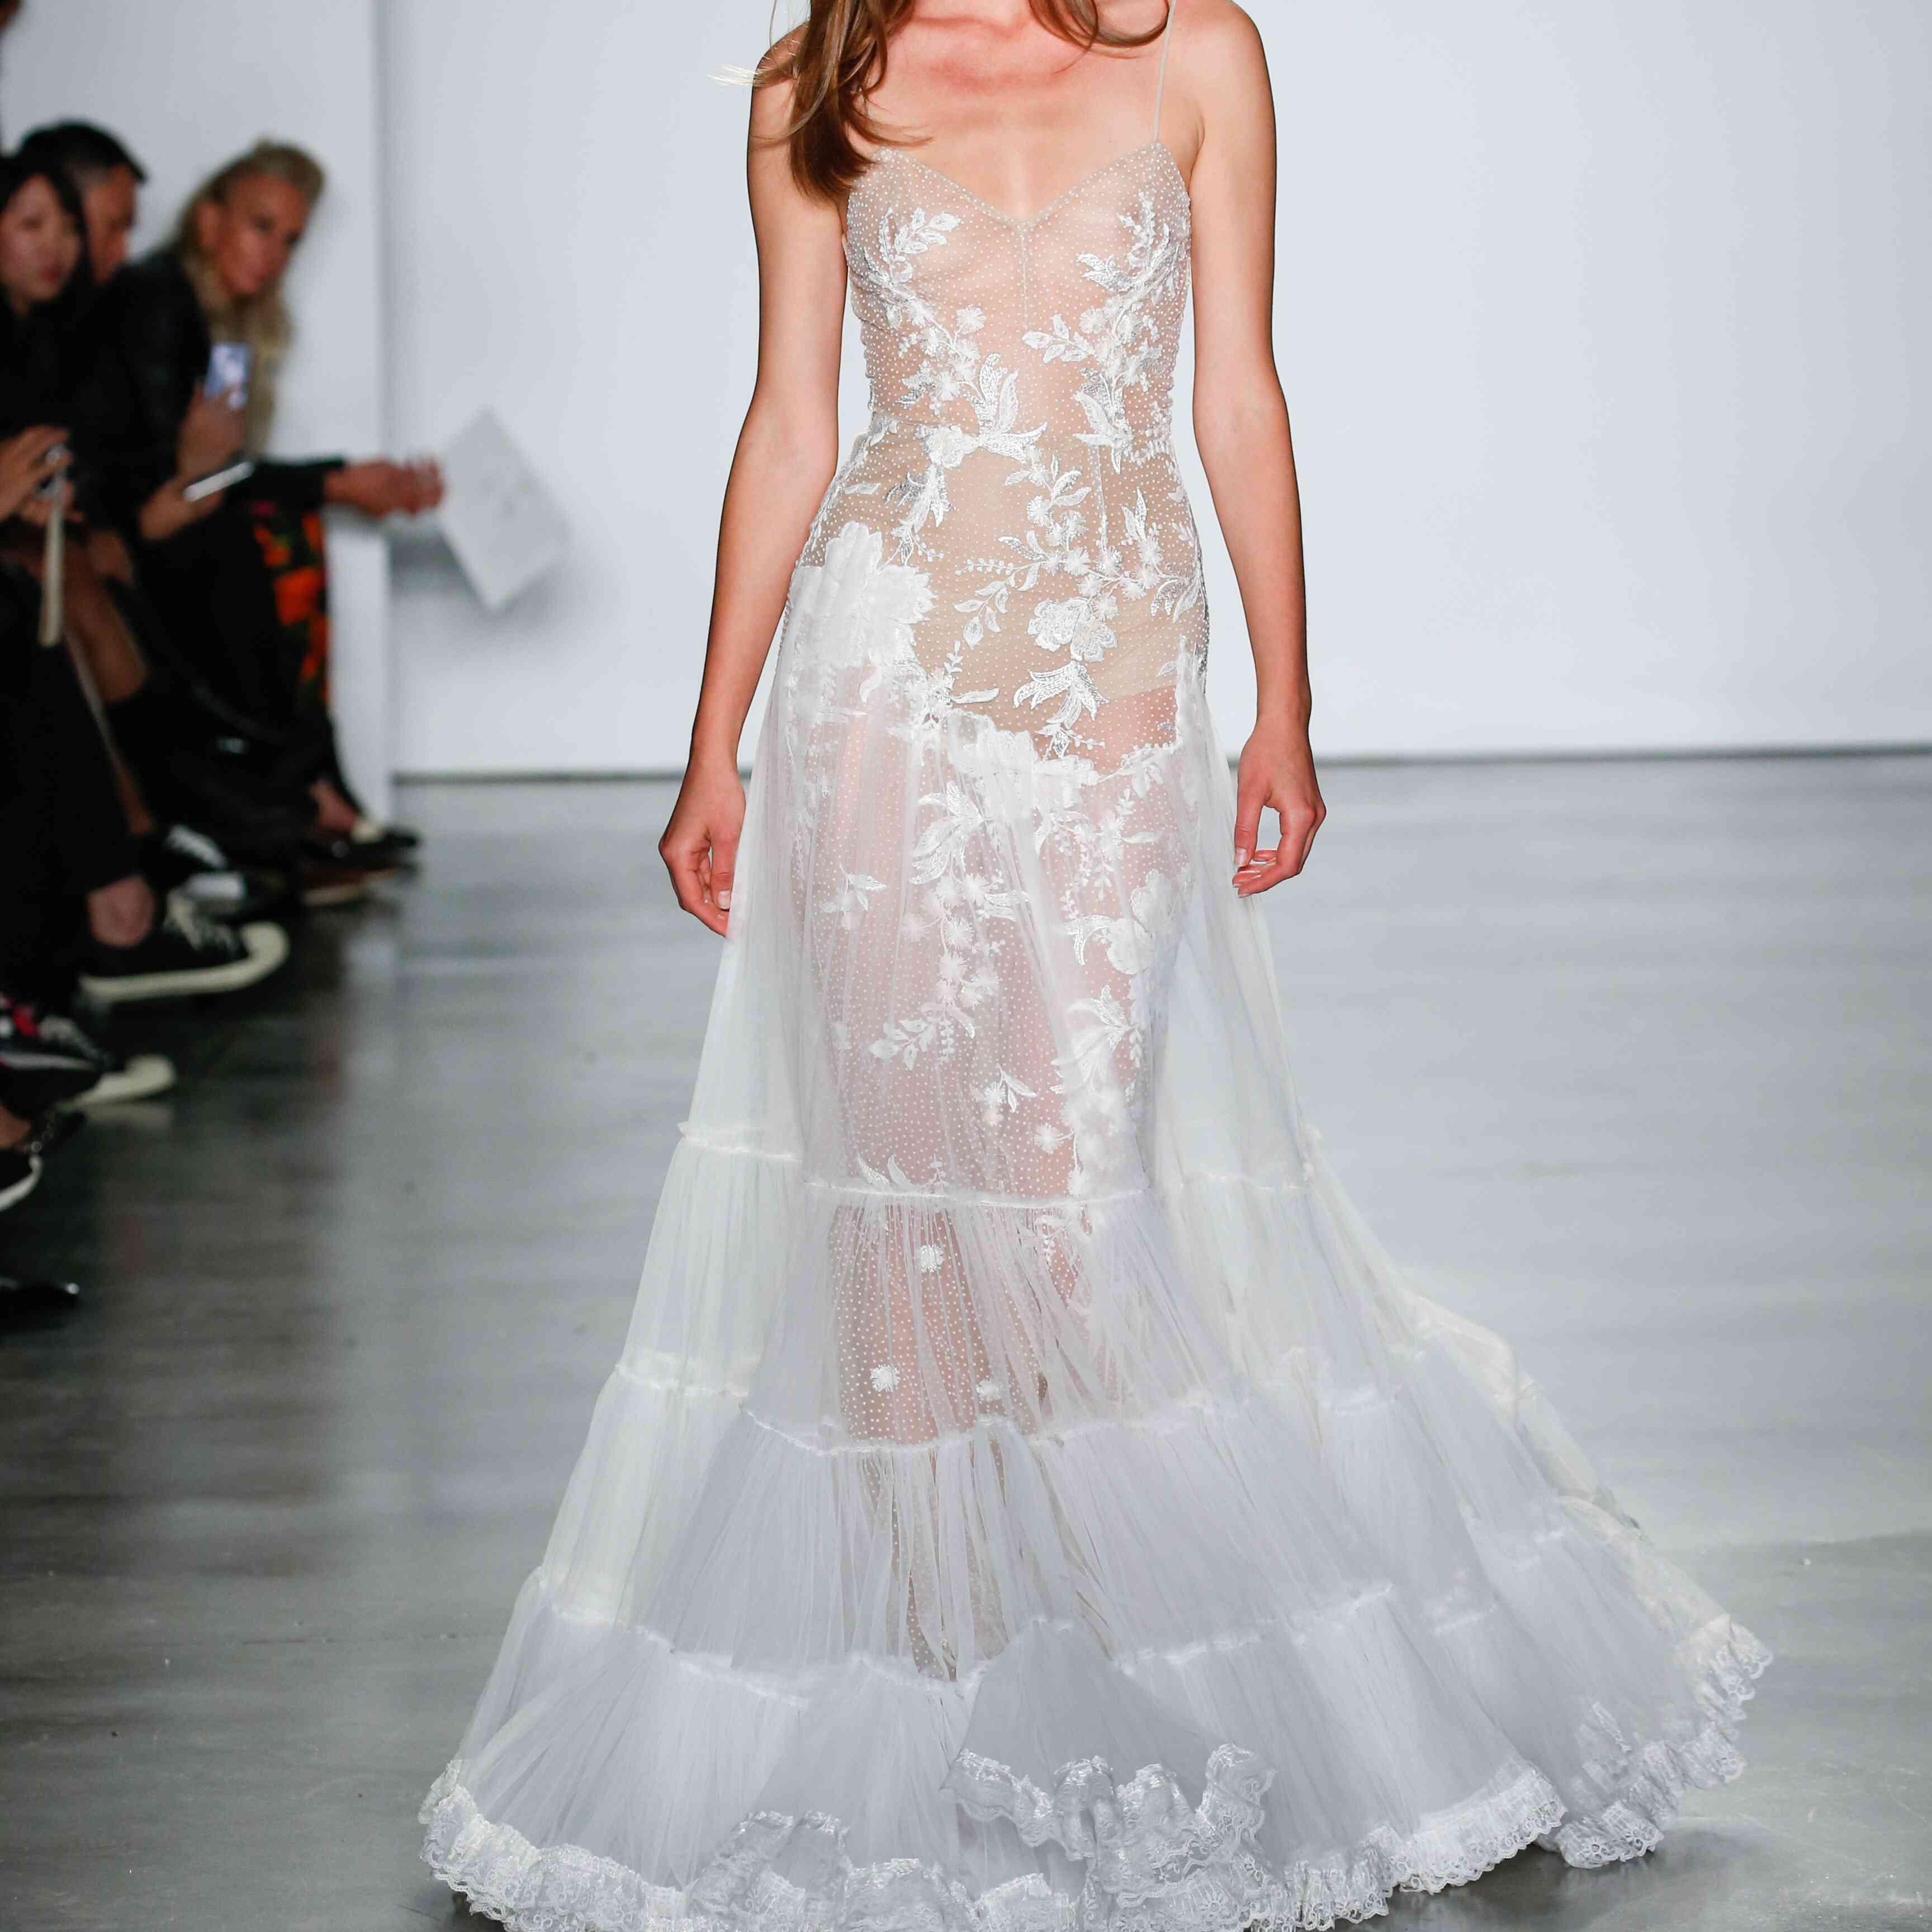 Model in sheer embroidered slip dress